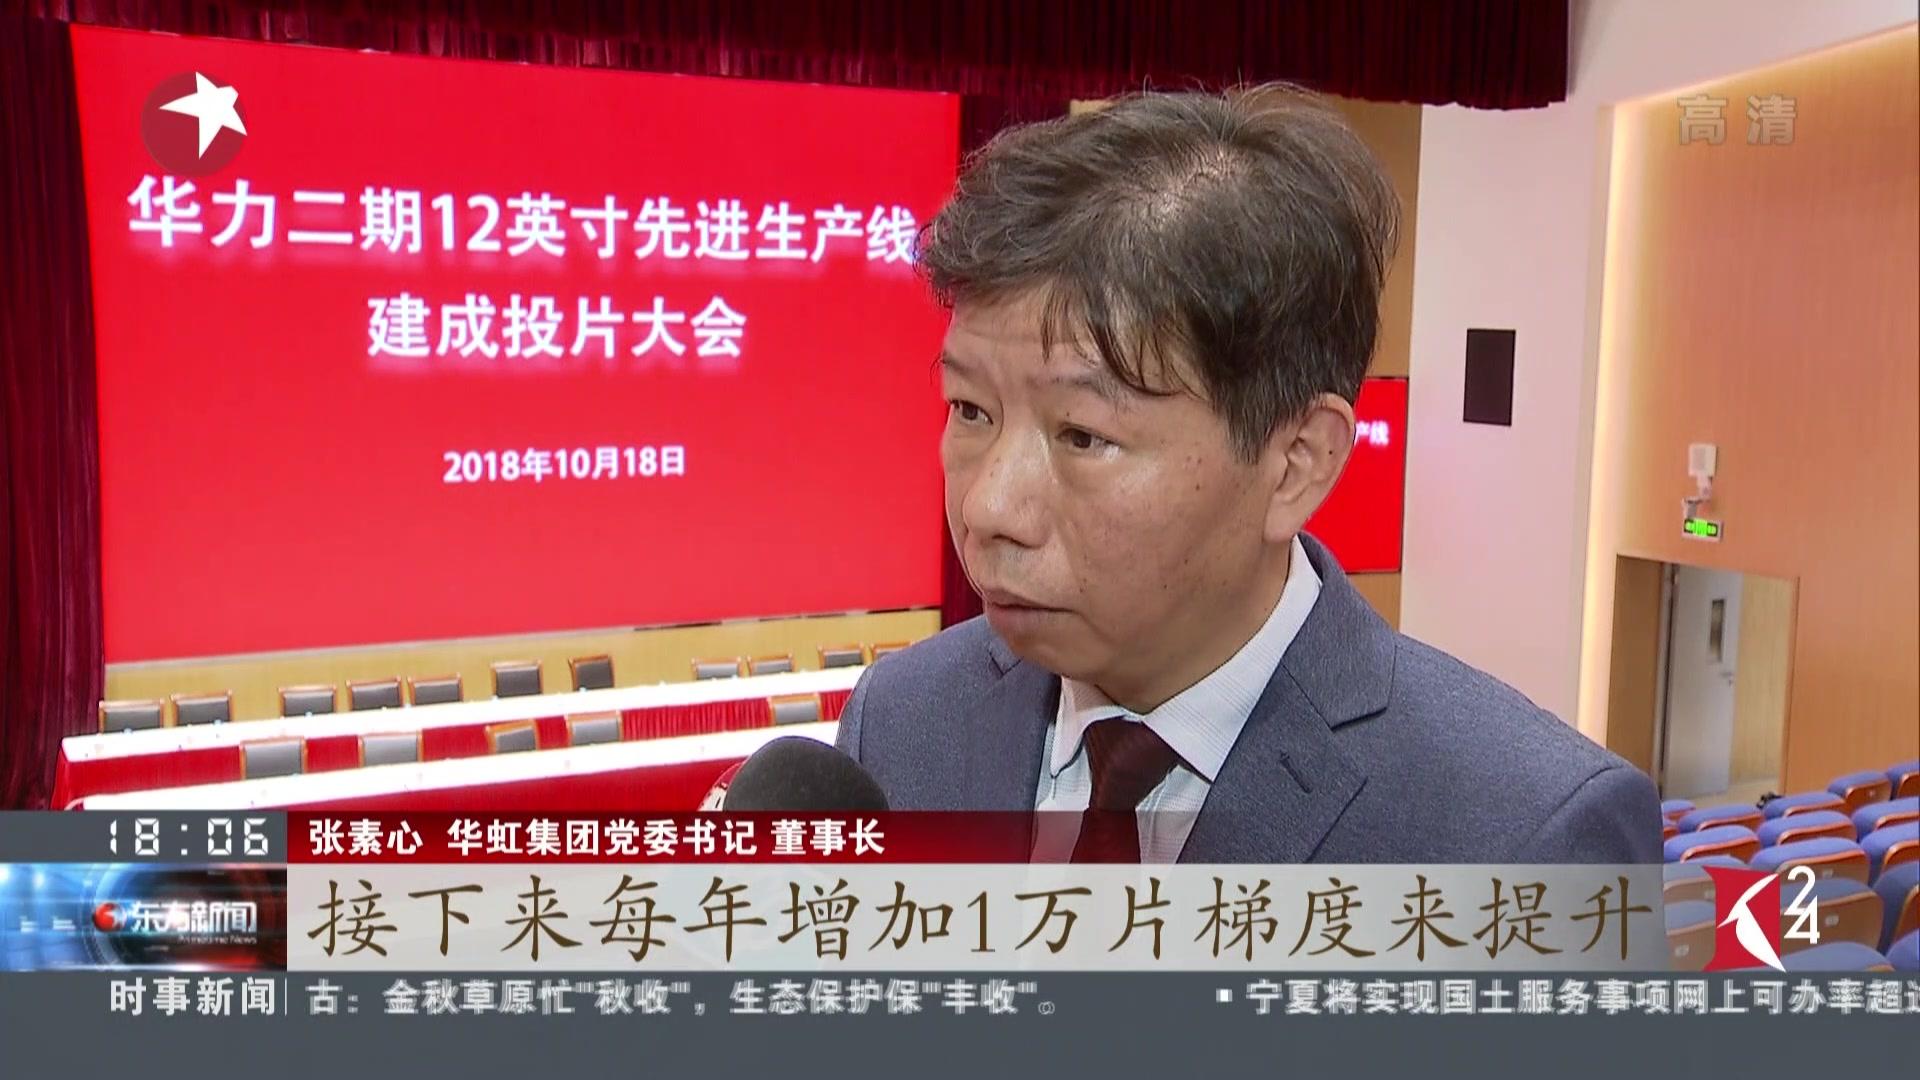 """构筑""""上海制造""""新优势  华力二期12英寸先进生产线建成投片"""